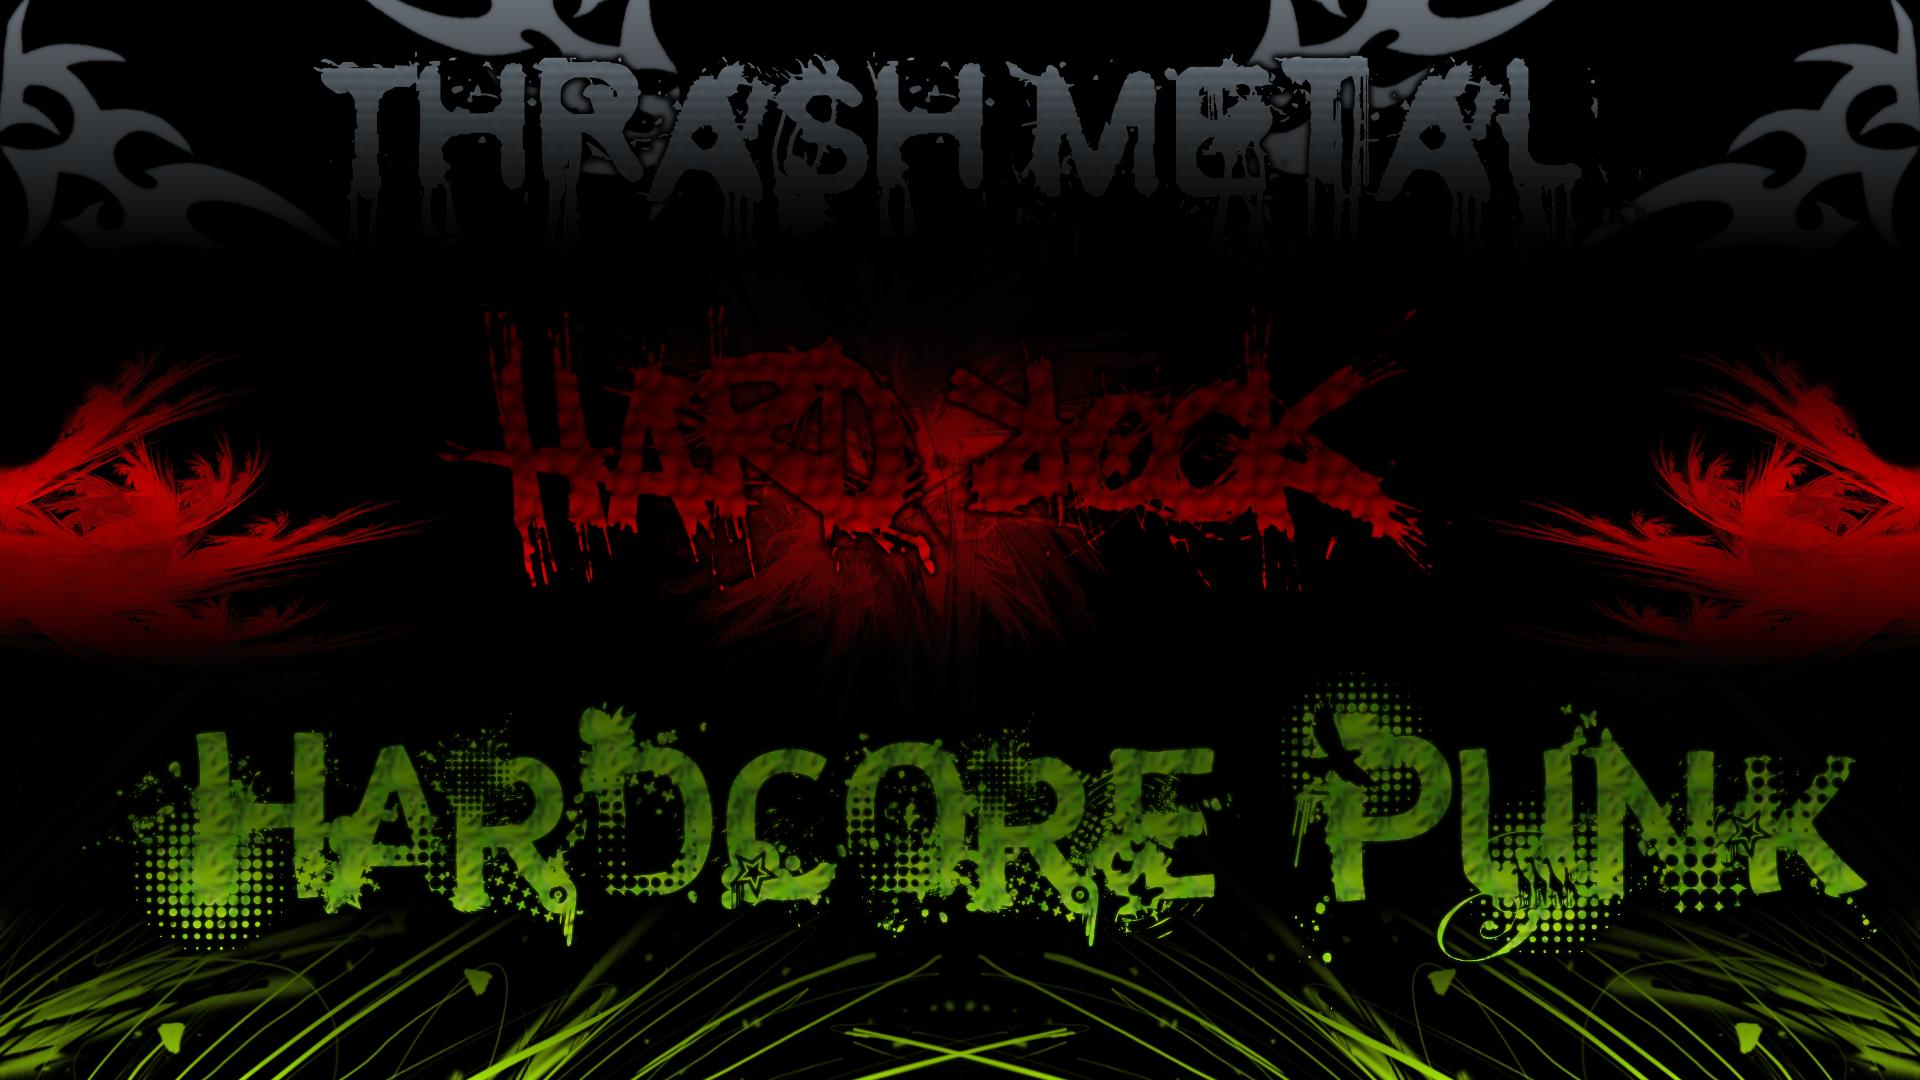 Rock, metal, punk